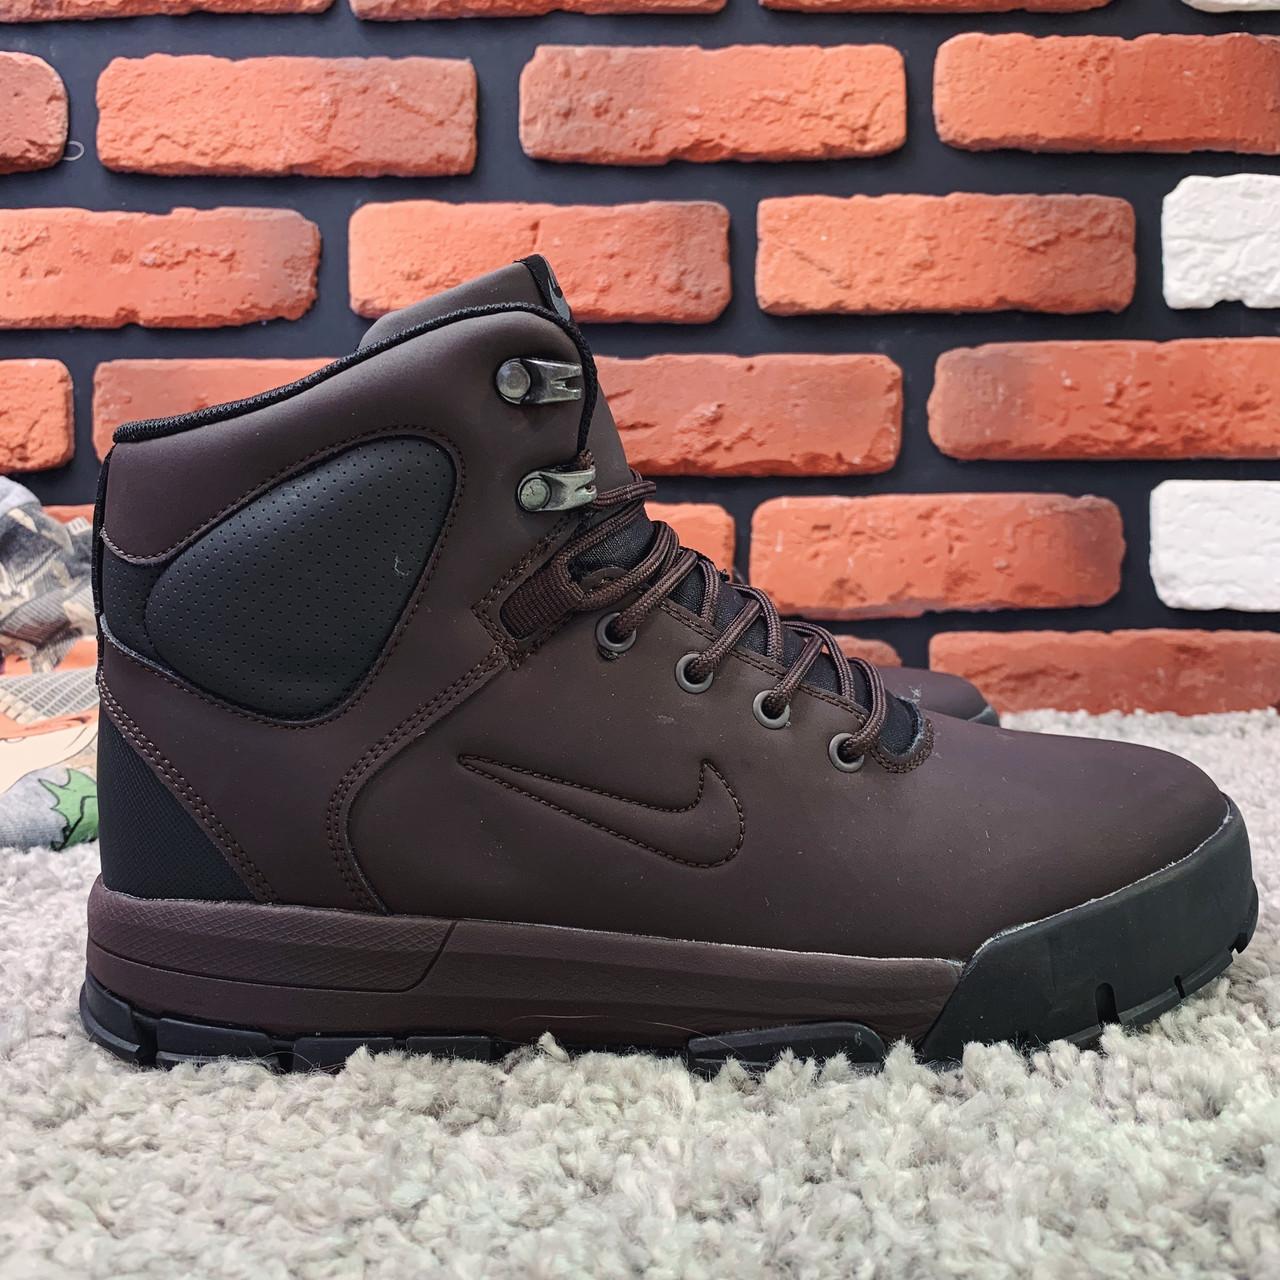 Зимние ботинки (на меху) мужские Nike Air Lunarridge 1-021 ⏩ [ 41,42,43,44,44,45 ]